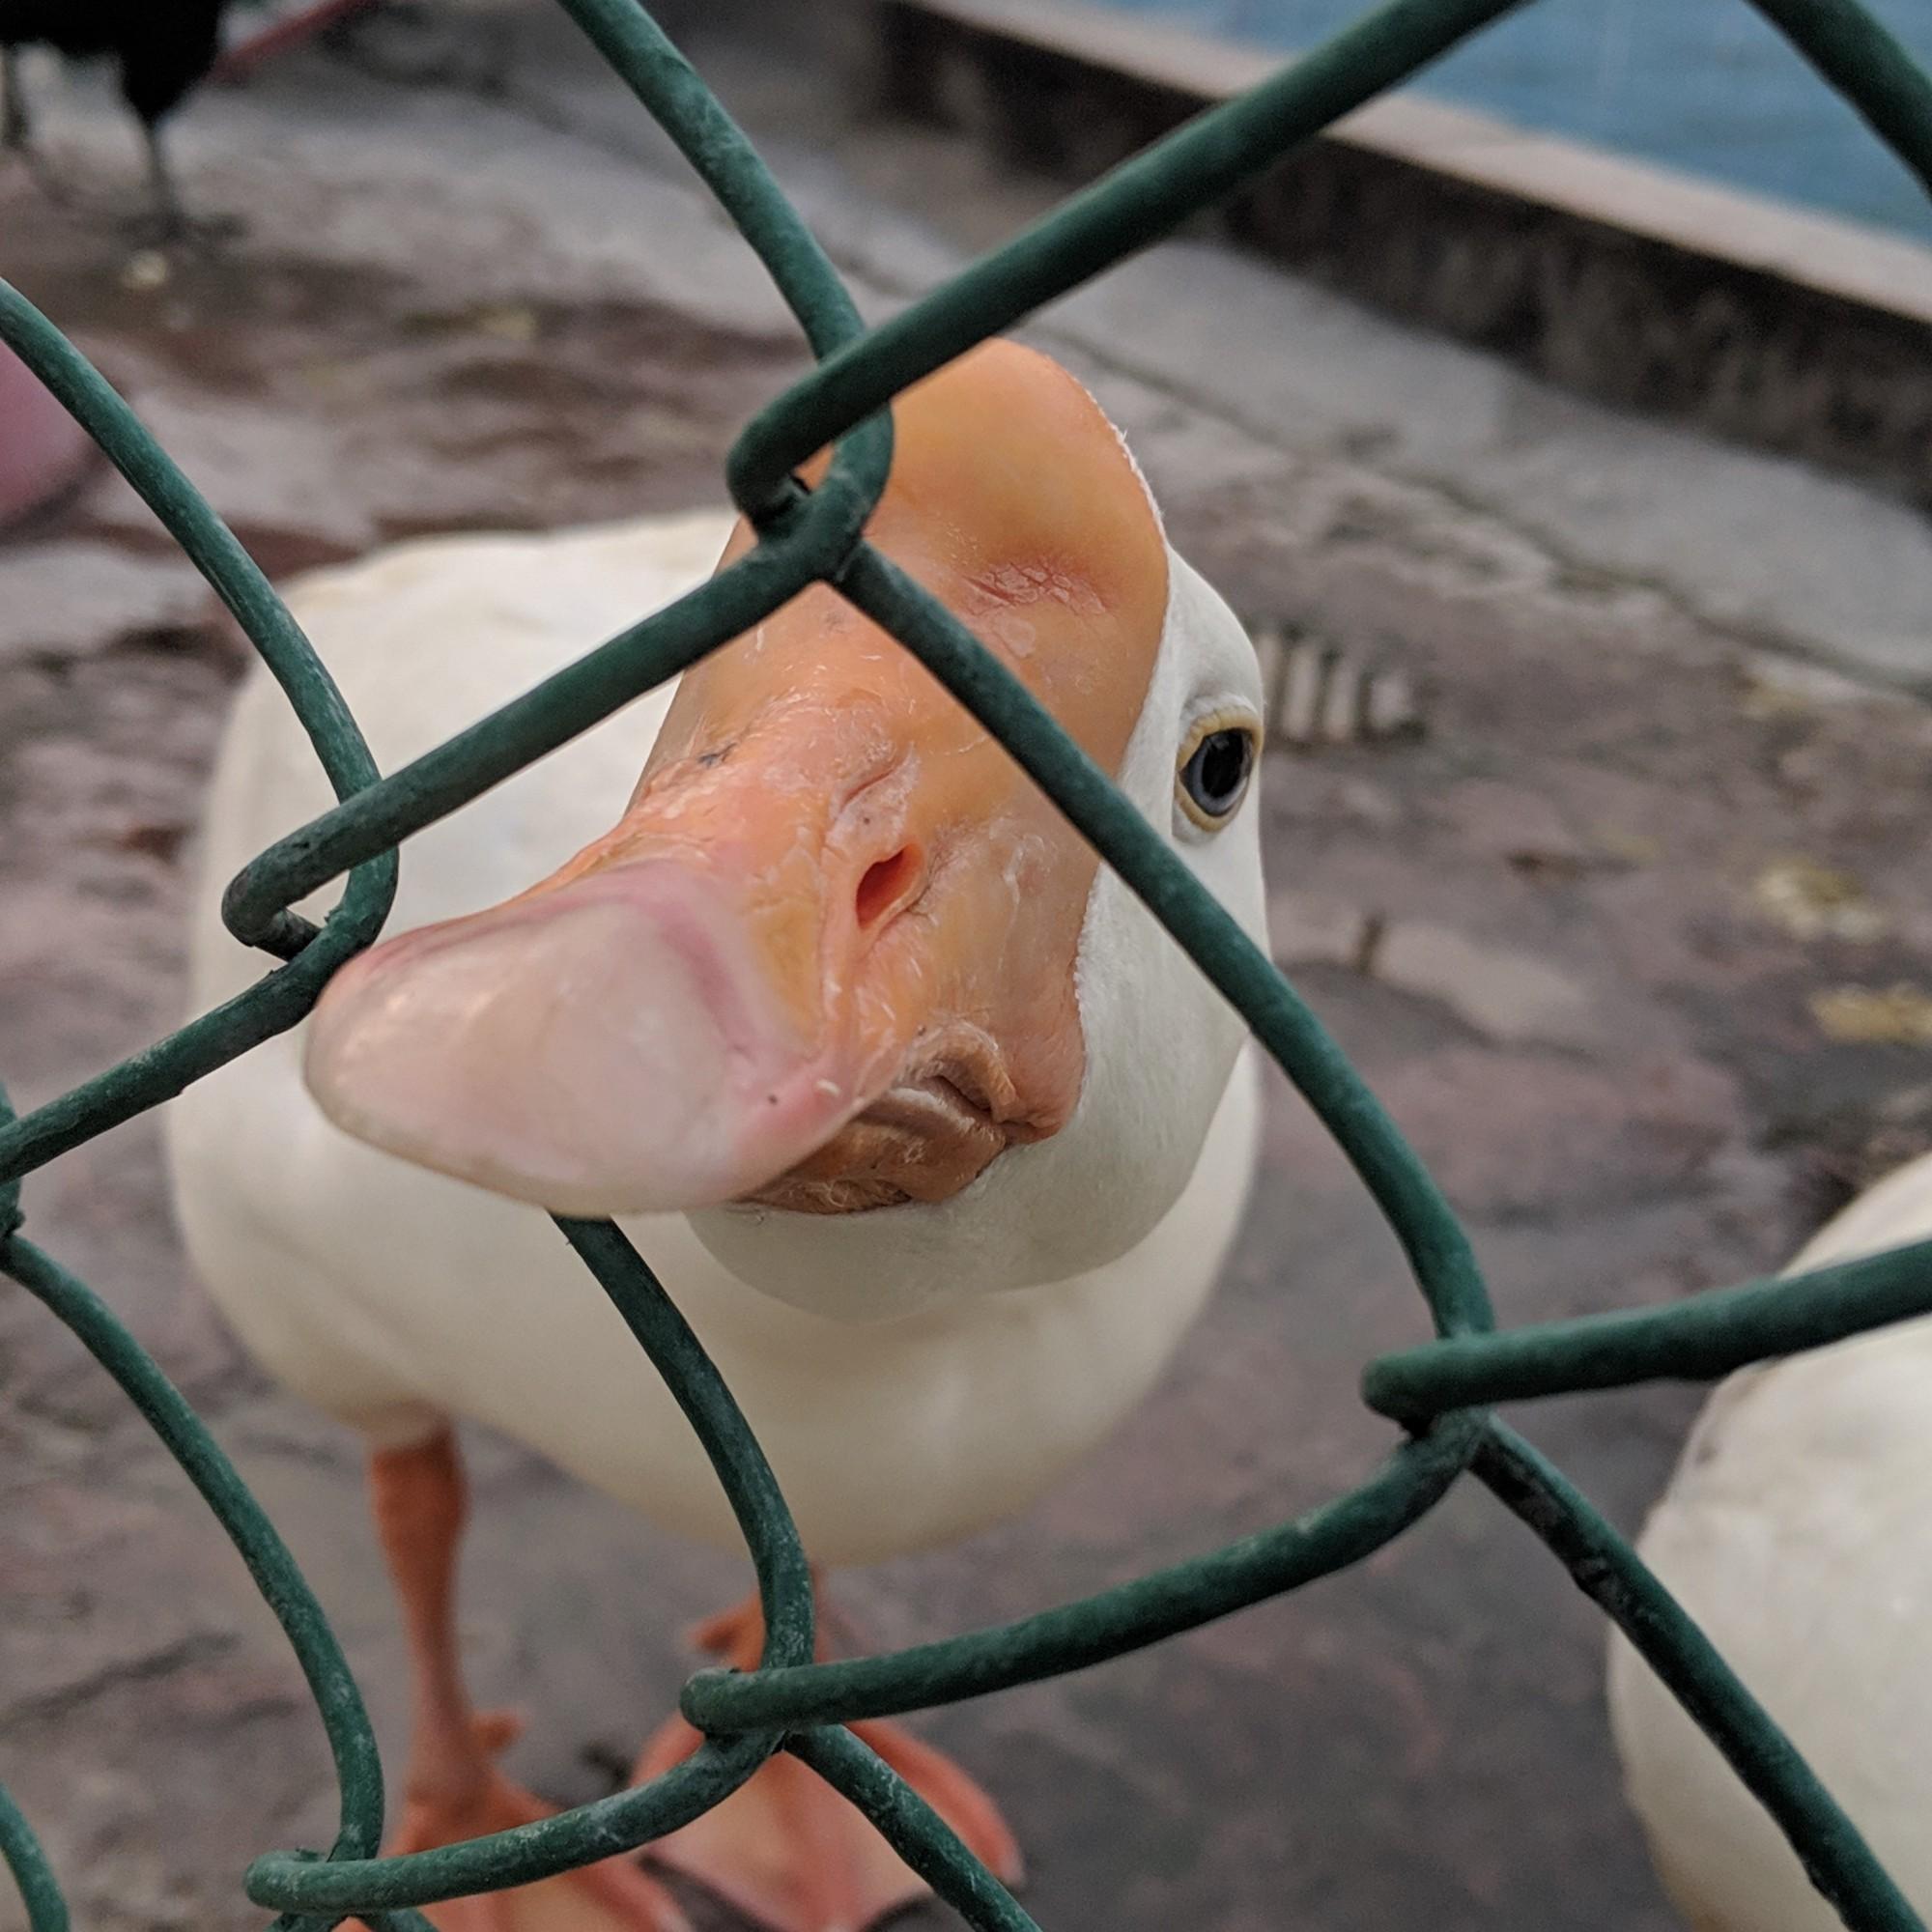 Pet duck at their farm